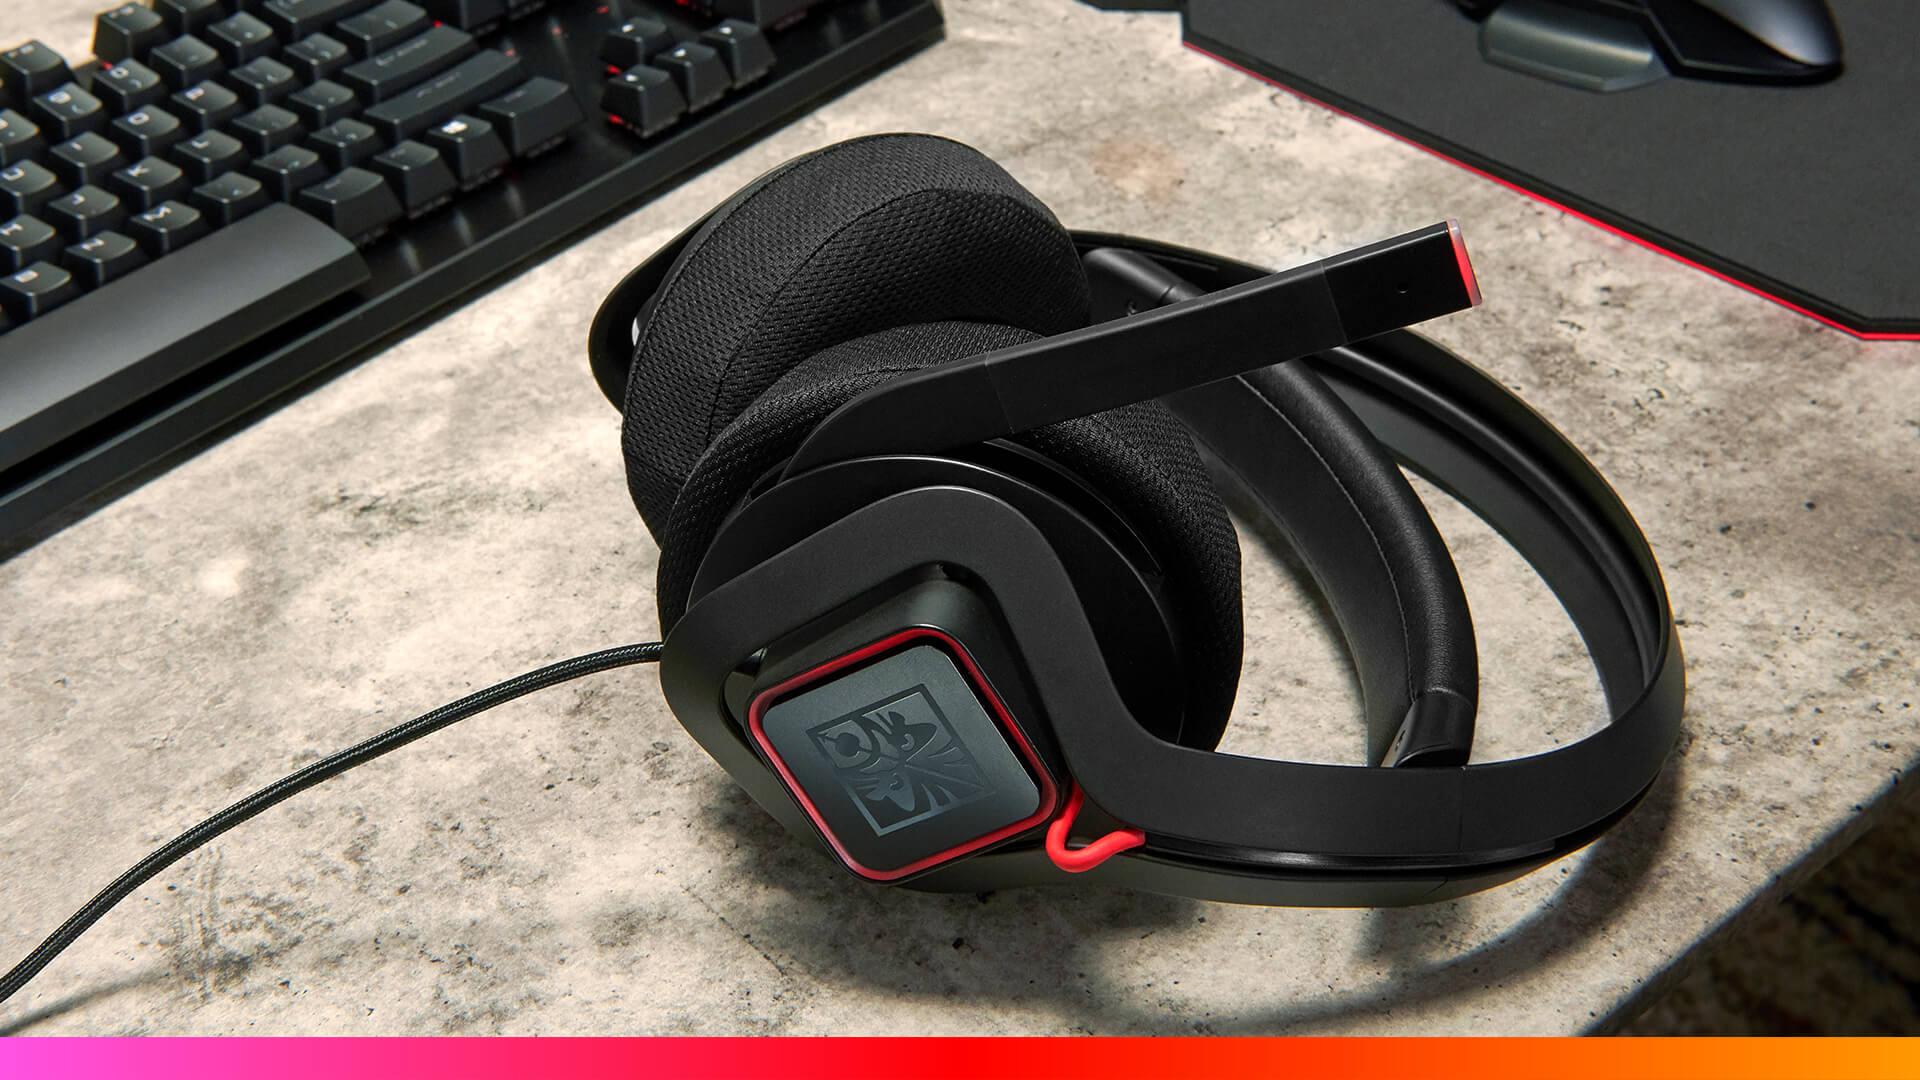 Audífonos: ¿En qué debes fijarte para lograr un buen efecto de inmersión al jugar?